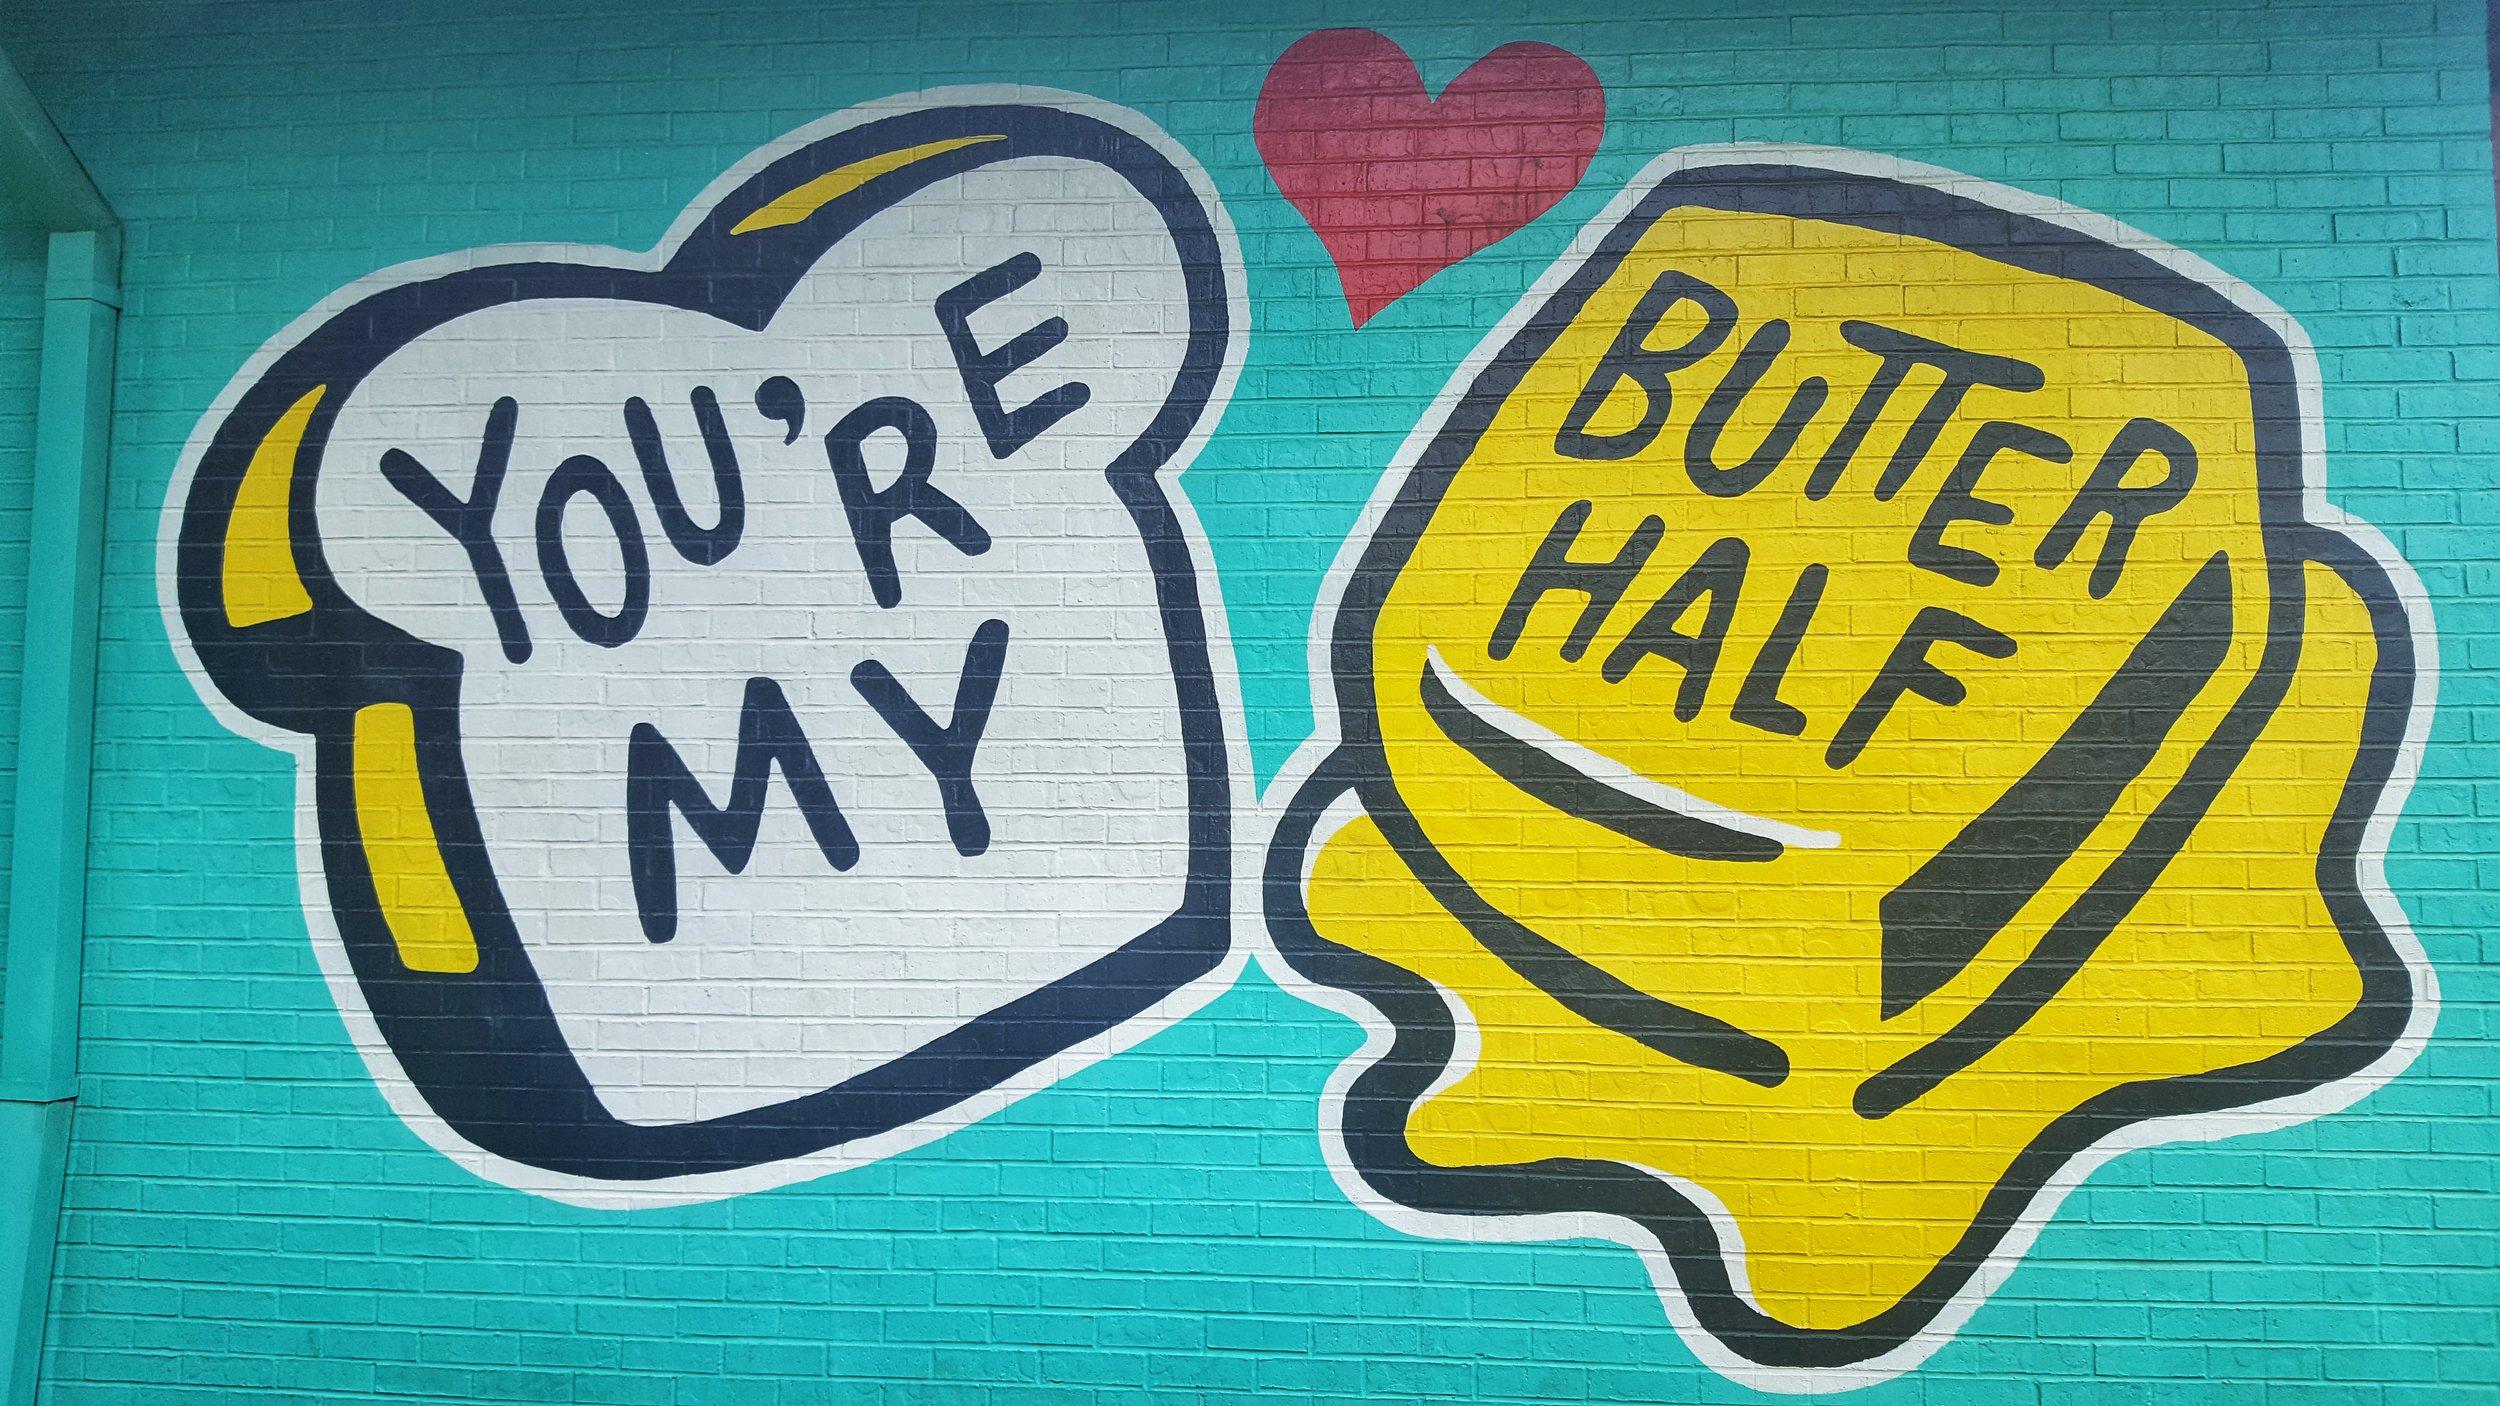 You're My Butter Half Austin Street Art.